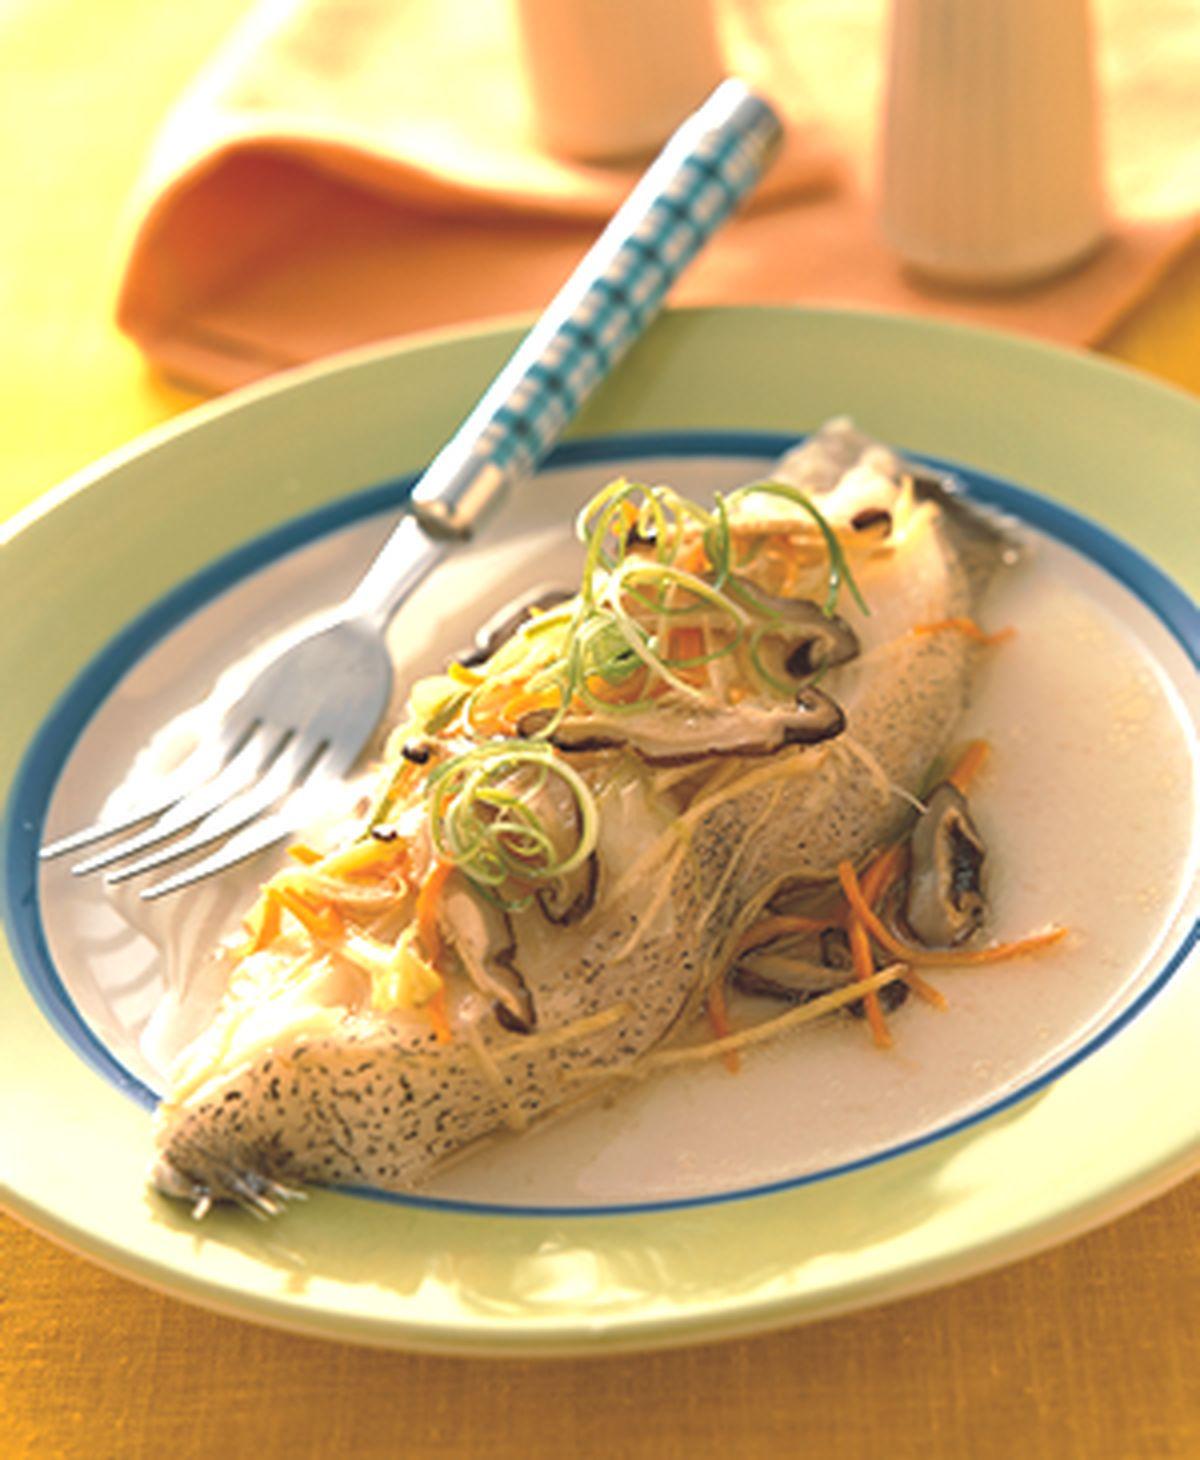 食譜:清蒸鱈魚